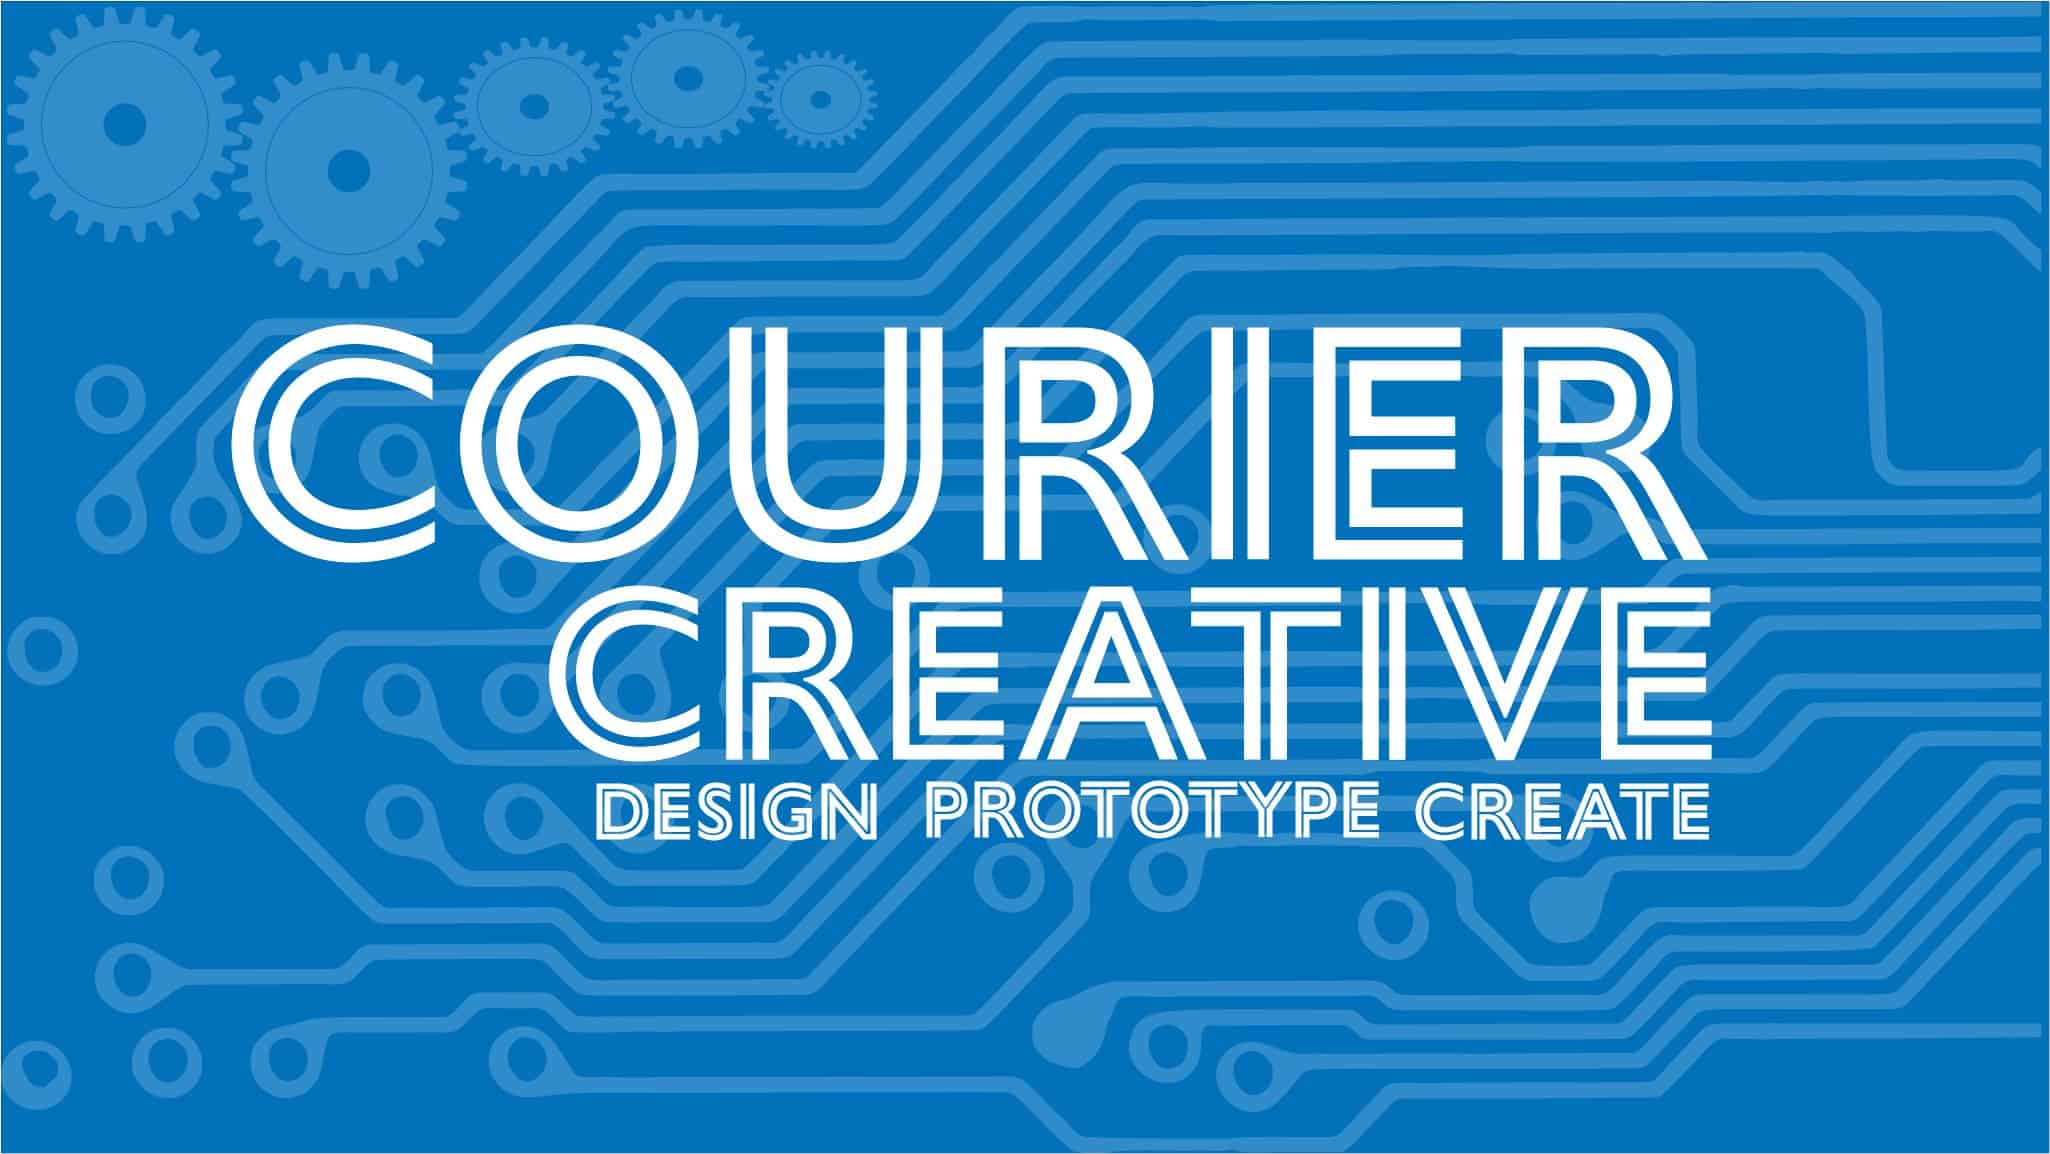 Courier Creative Logo